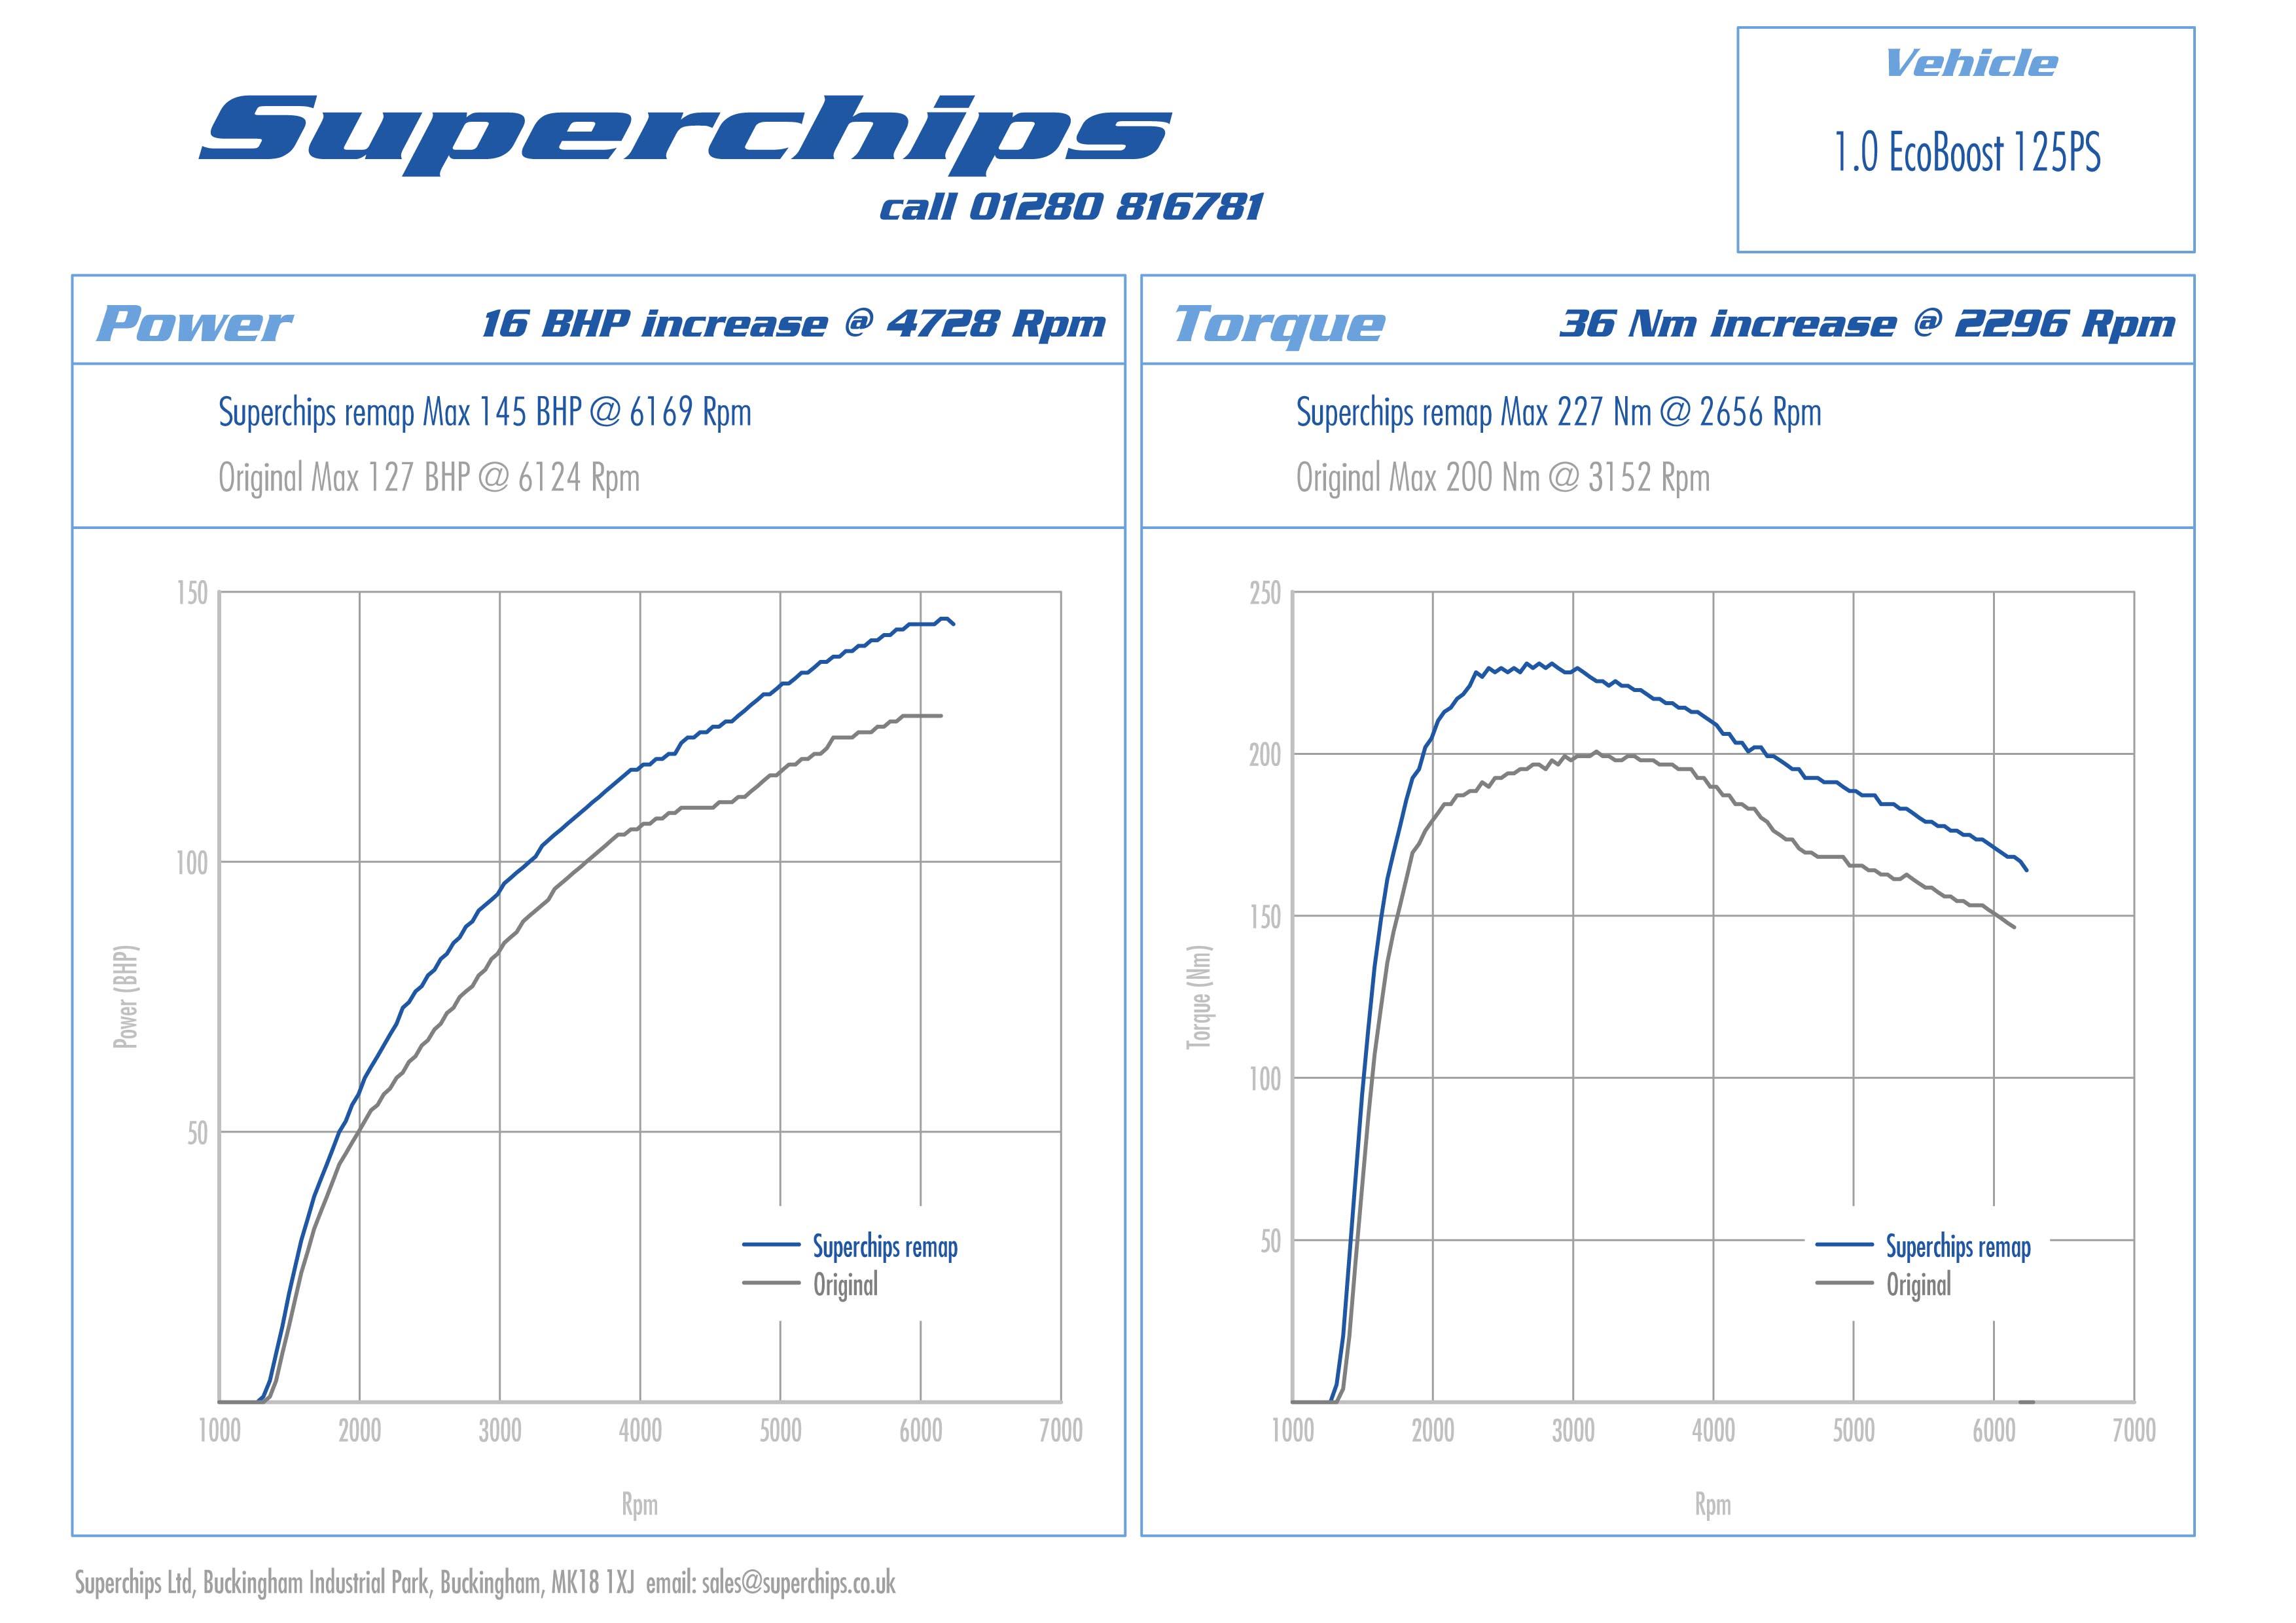 Superchips Launches Bluefin Ecu Remap For 1 0 Litre 125 Ps